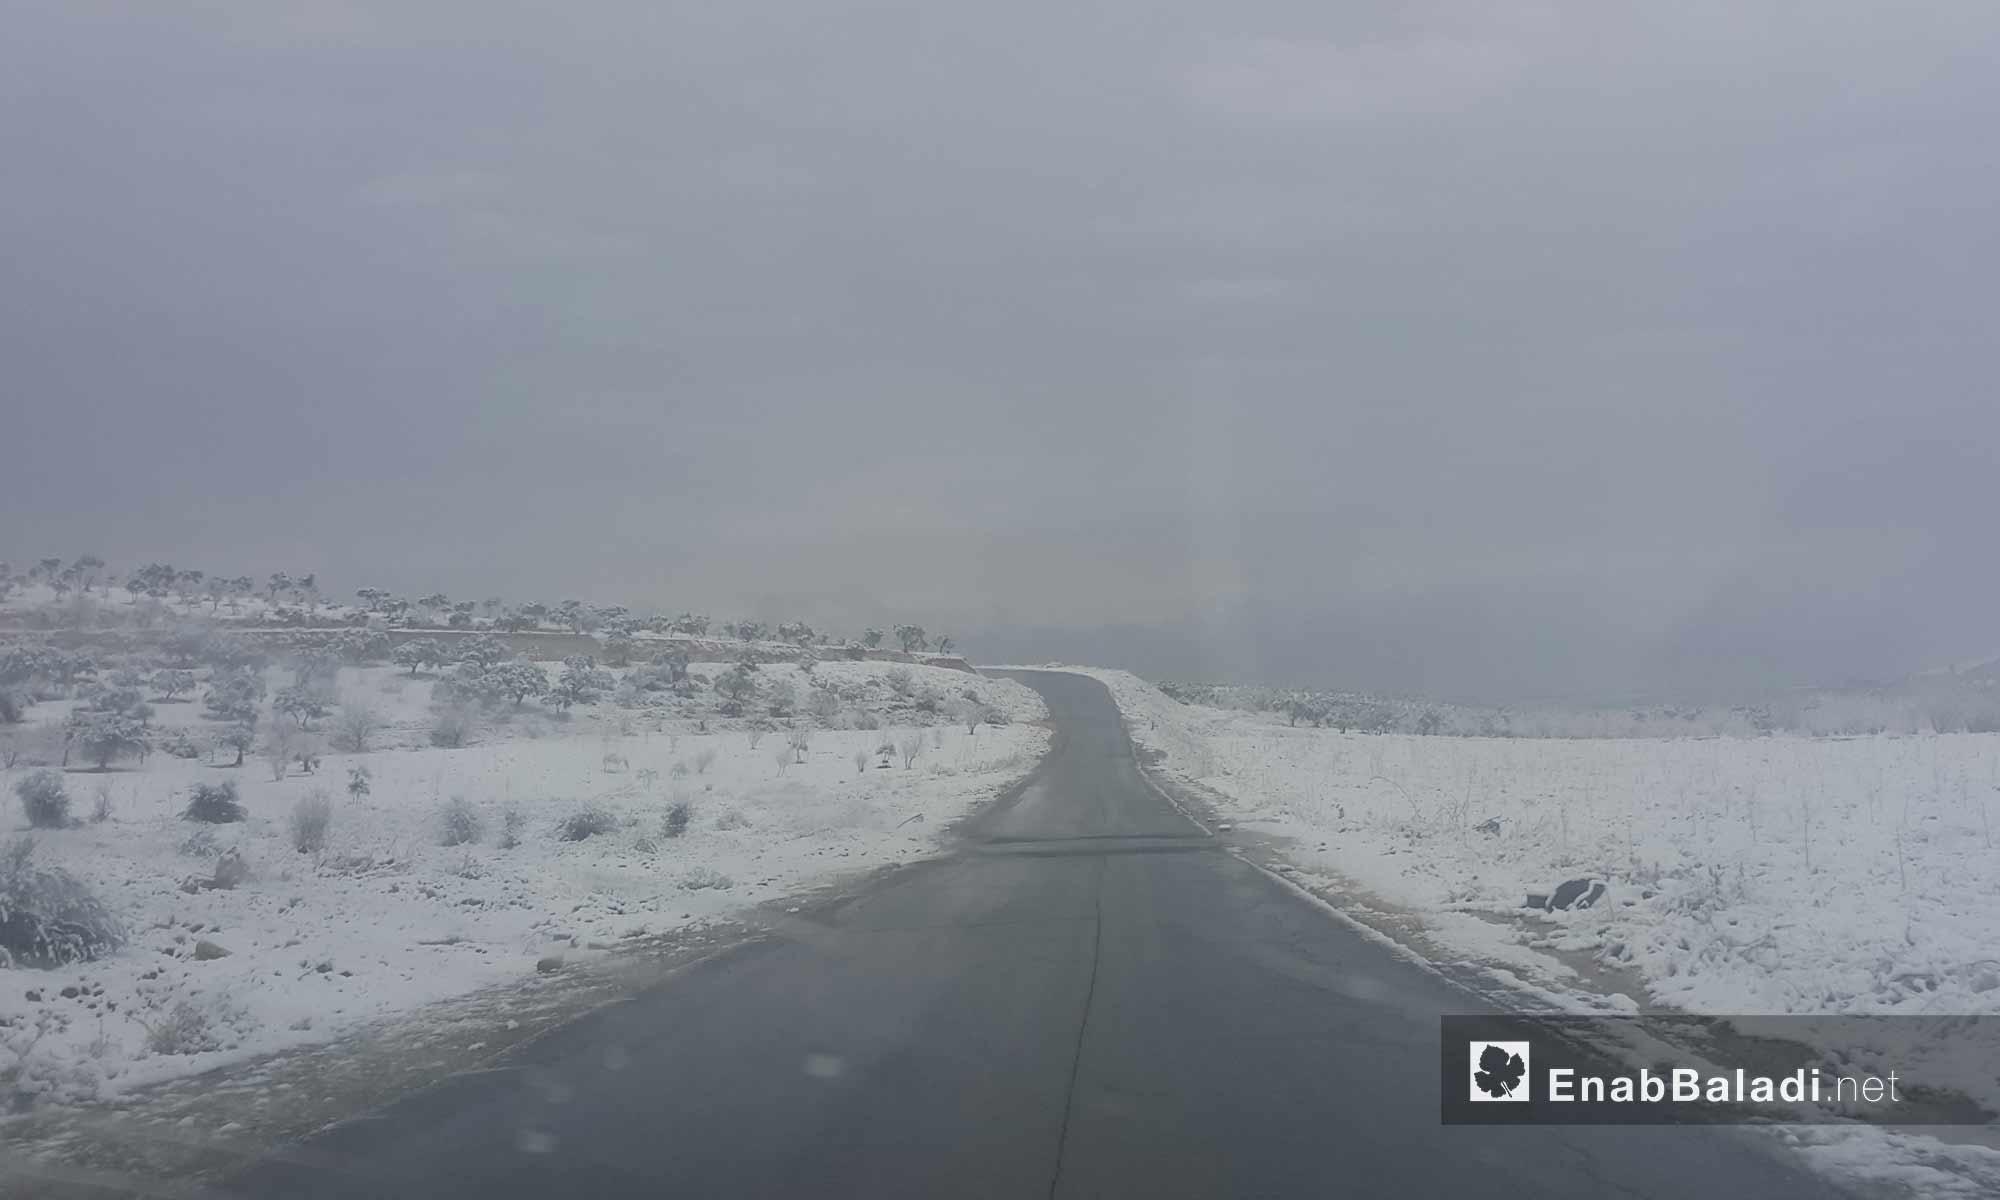 الثلوج في أريحا بريف إدلب_18 كانون الأول 2016_(عنب بلدي)